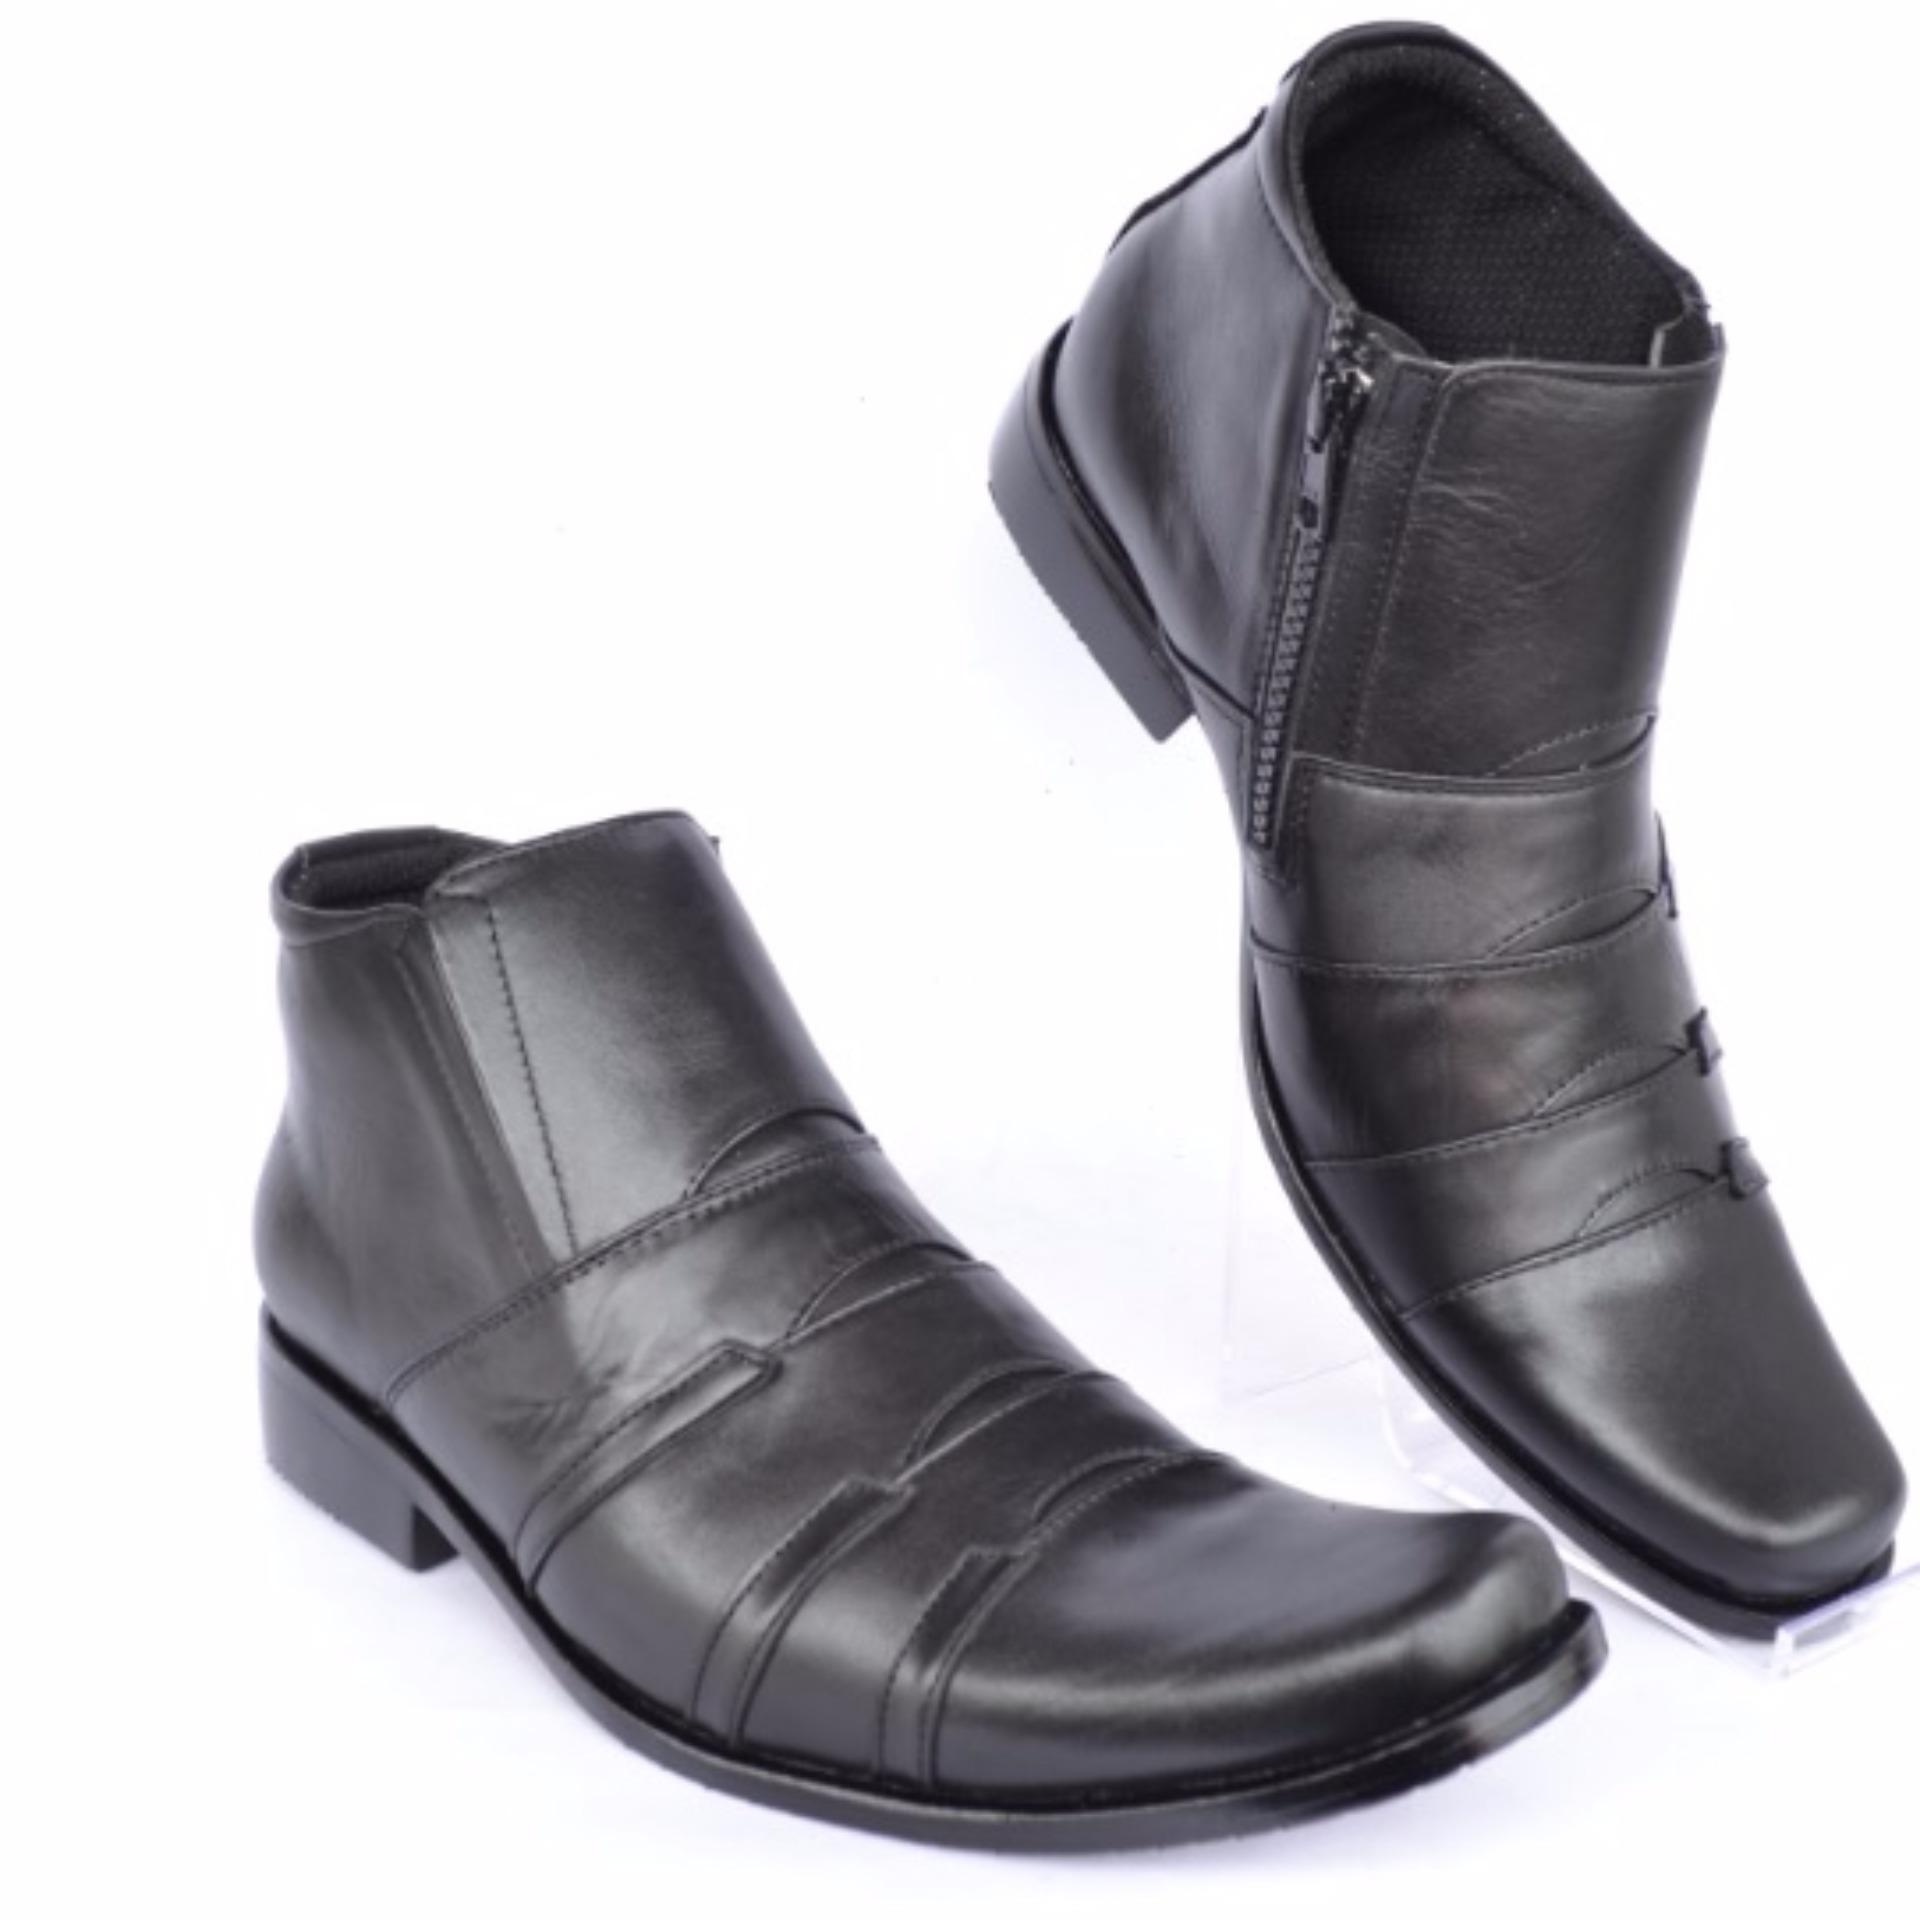 Kickers Sepatu Pria Sepatu Bots Sepatu Kerja Sepatu Formal Kulit Pria Pantofel Andree .